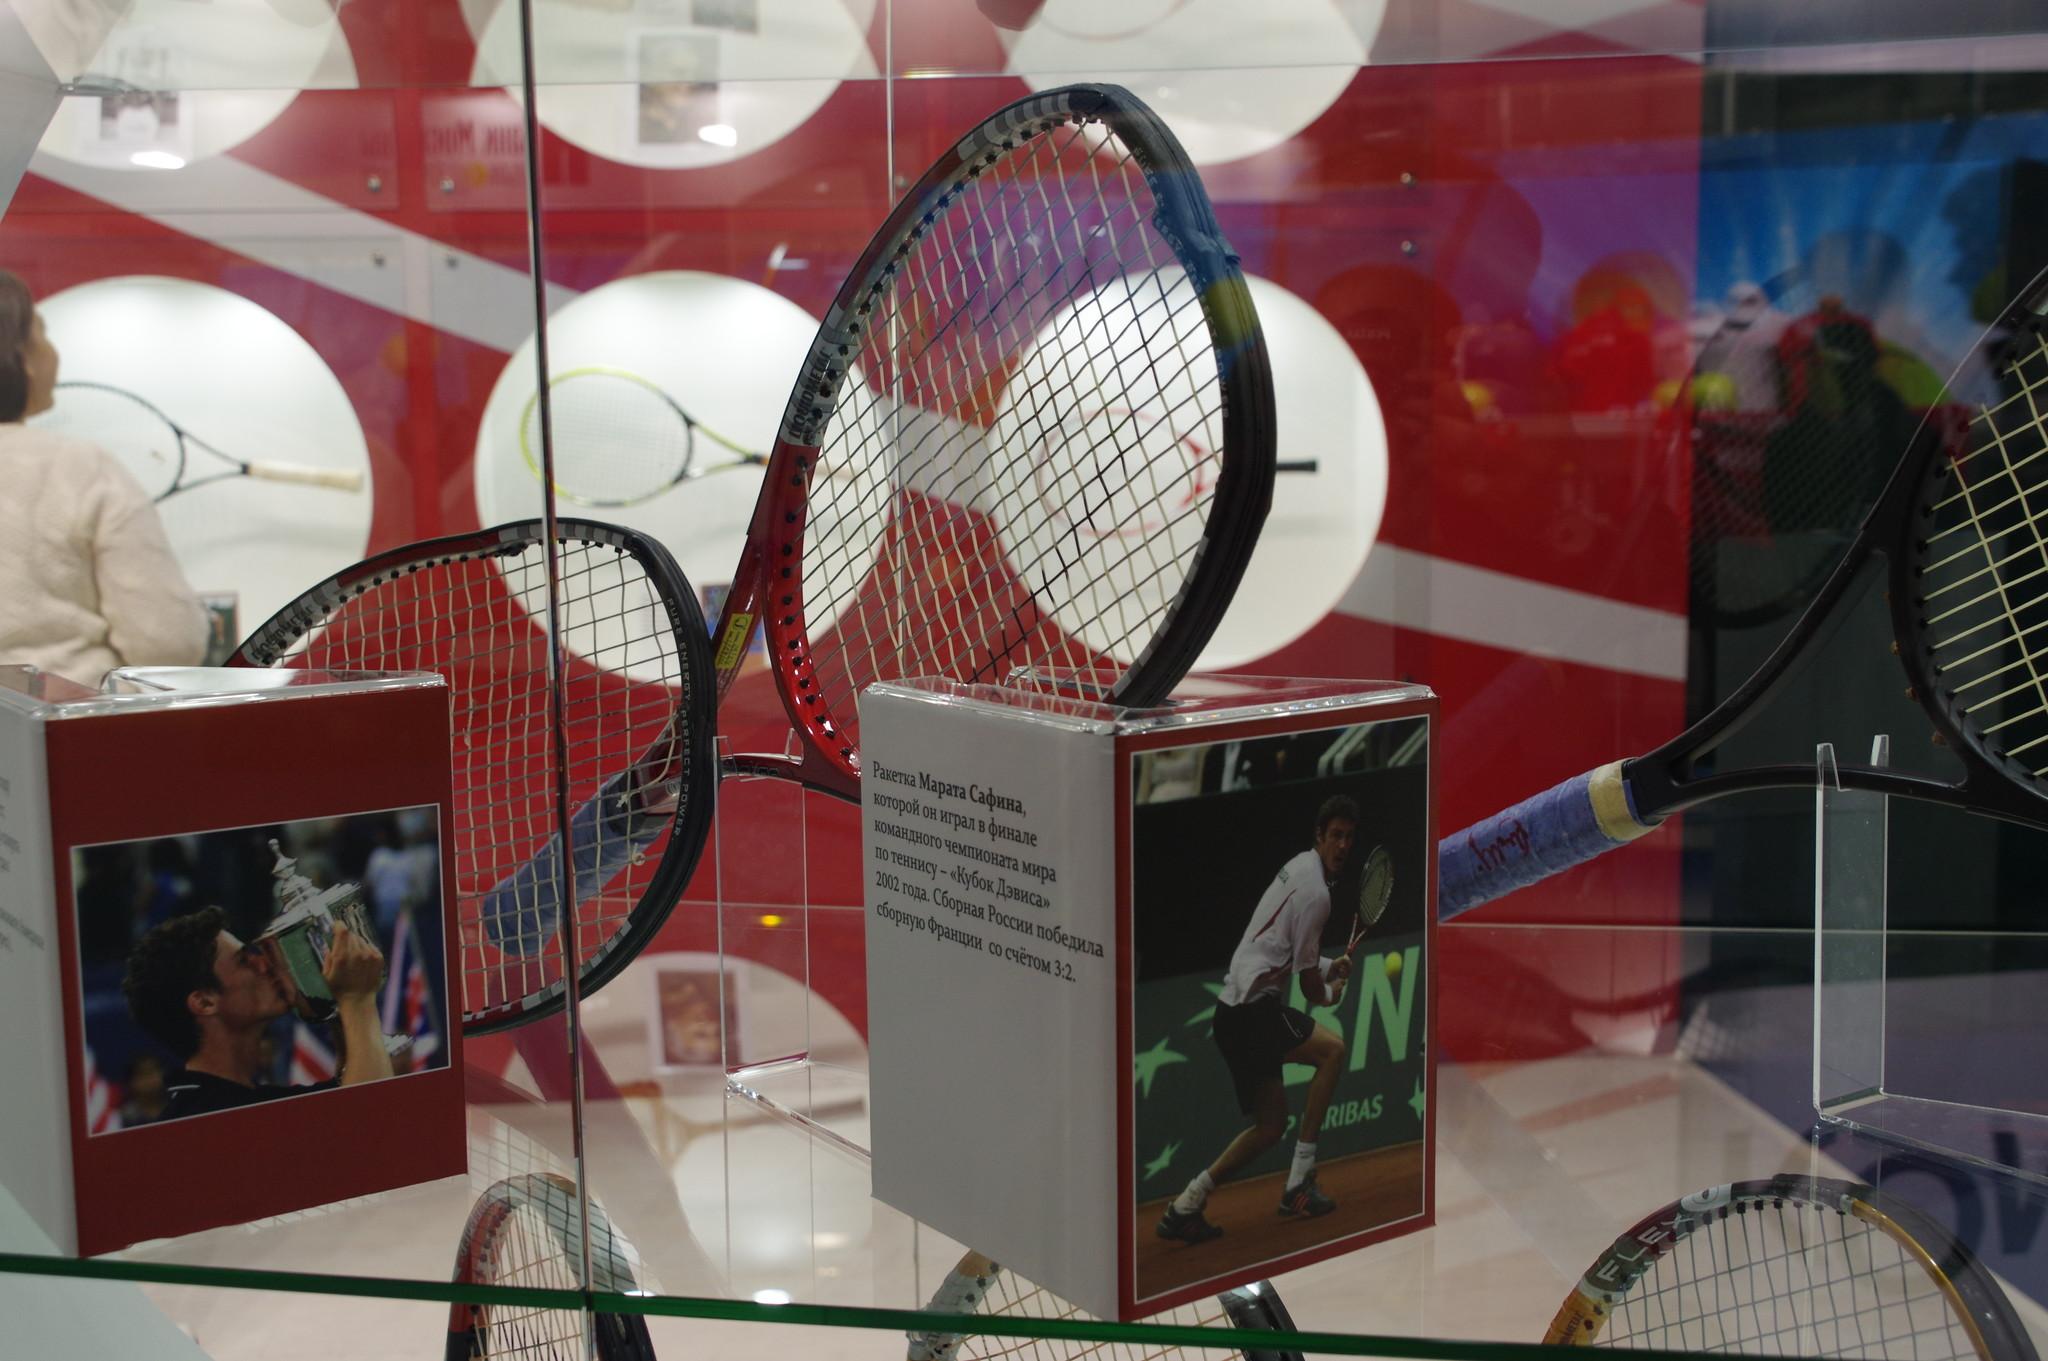 Ракетка Марата Сафина, которой он играл в финале командного чемпионата мира по теннису - «Кубок Дэвиса» 2002 года. Сборная России победила сборную Франции со счётом 3:2